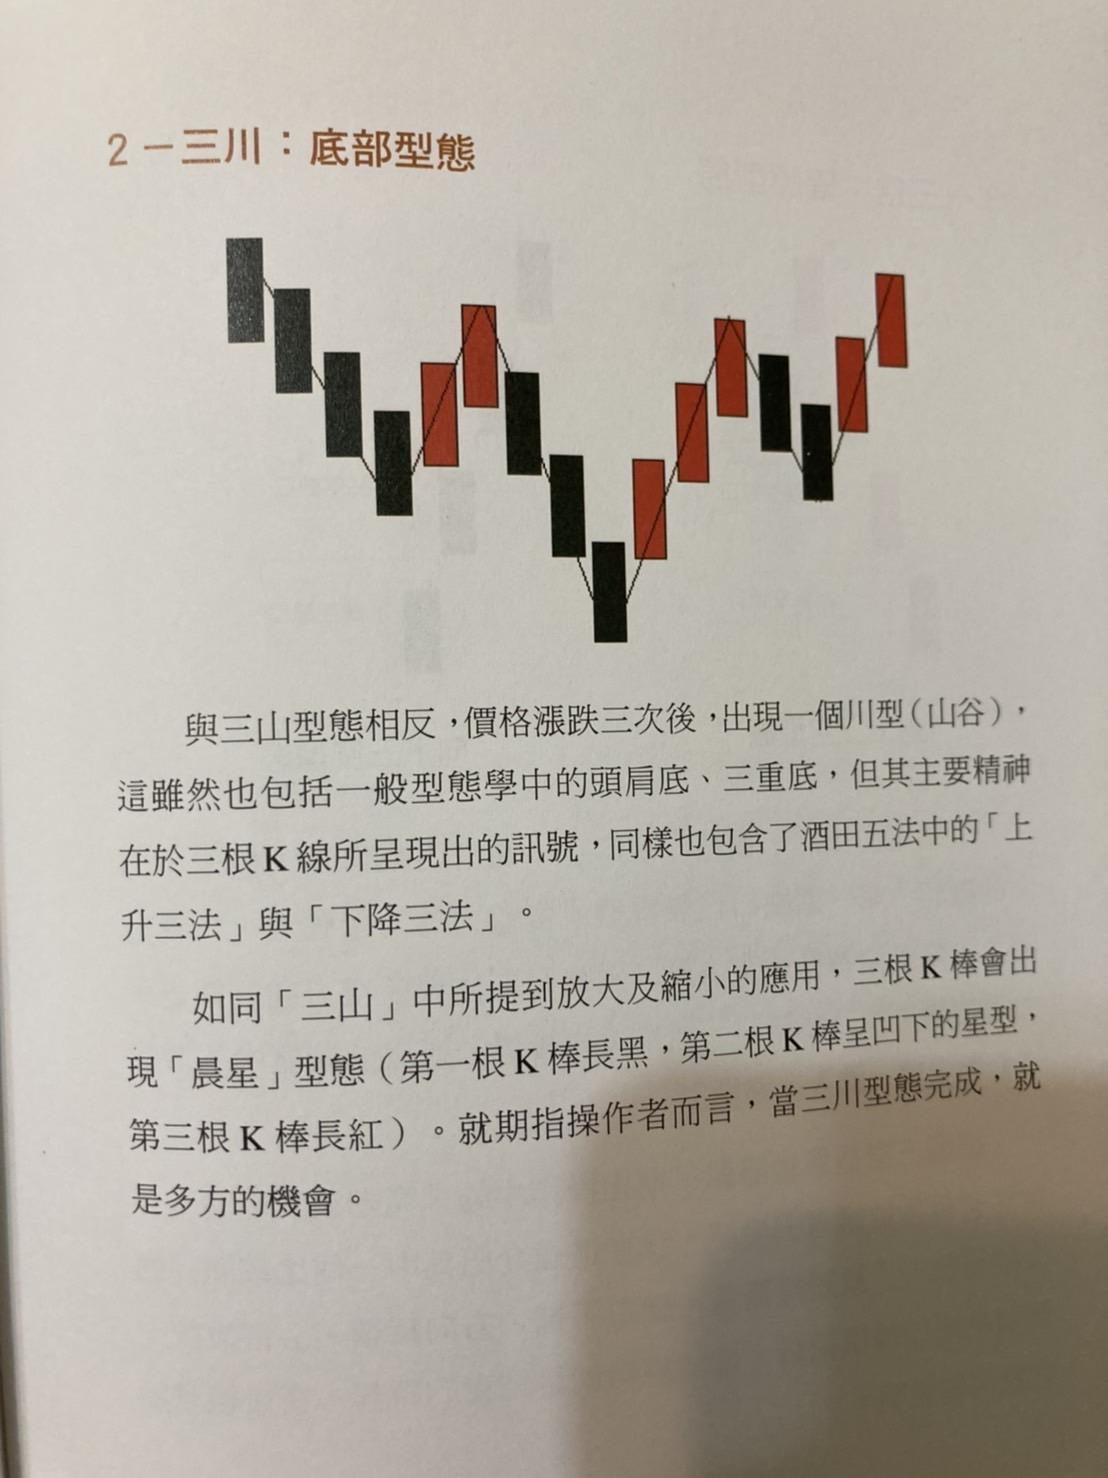 山川戰法全書~~~交易的本質!!!_03